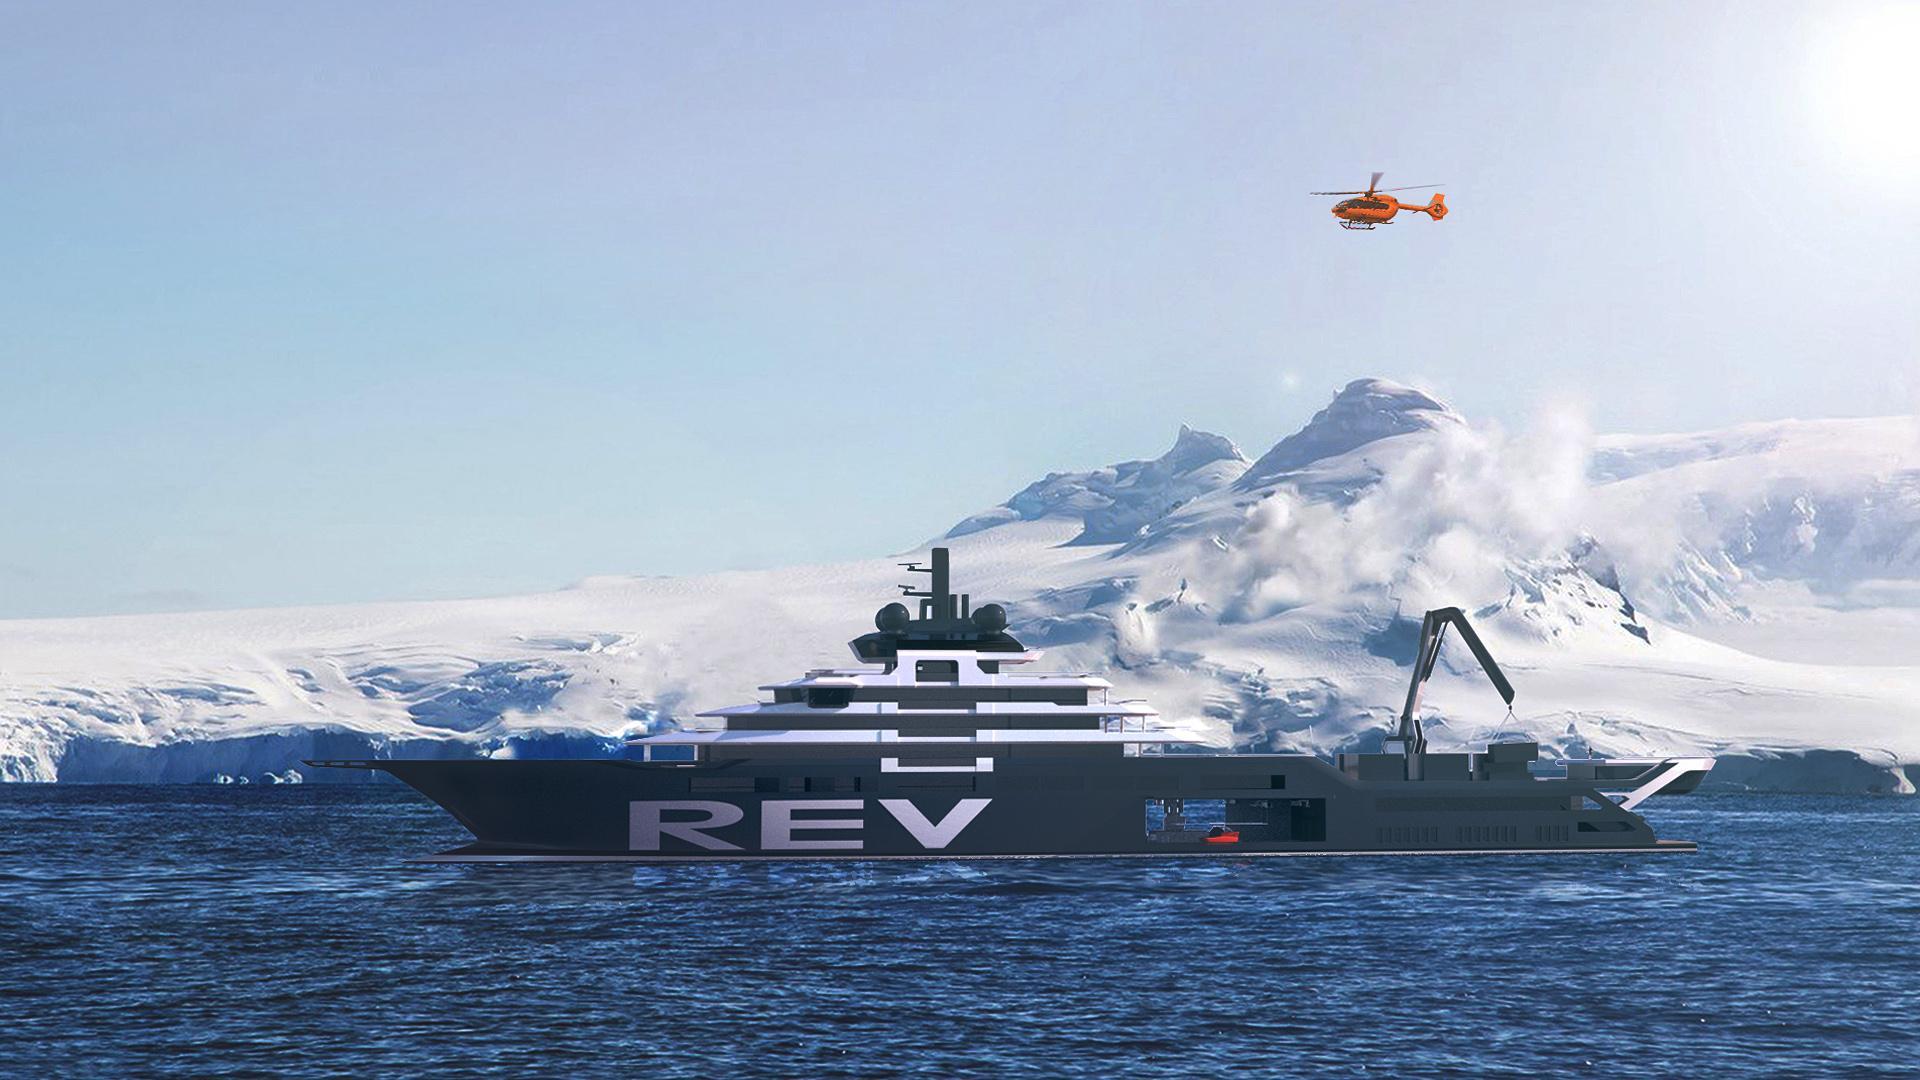 rev motoryacht vard 182m 2020 rendering profile